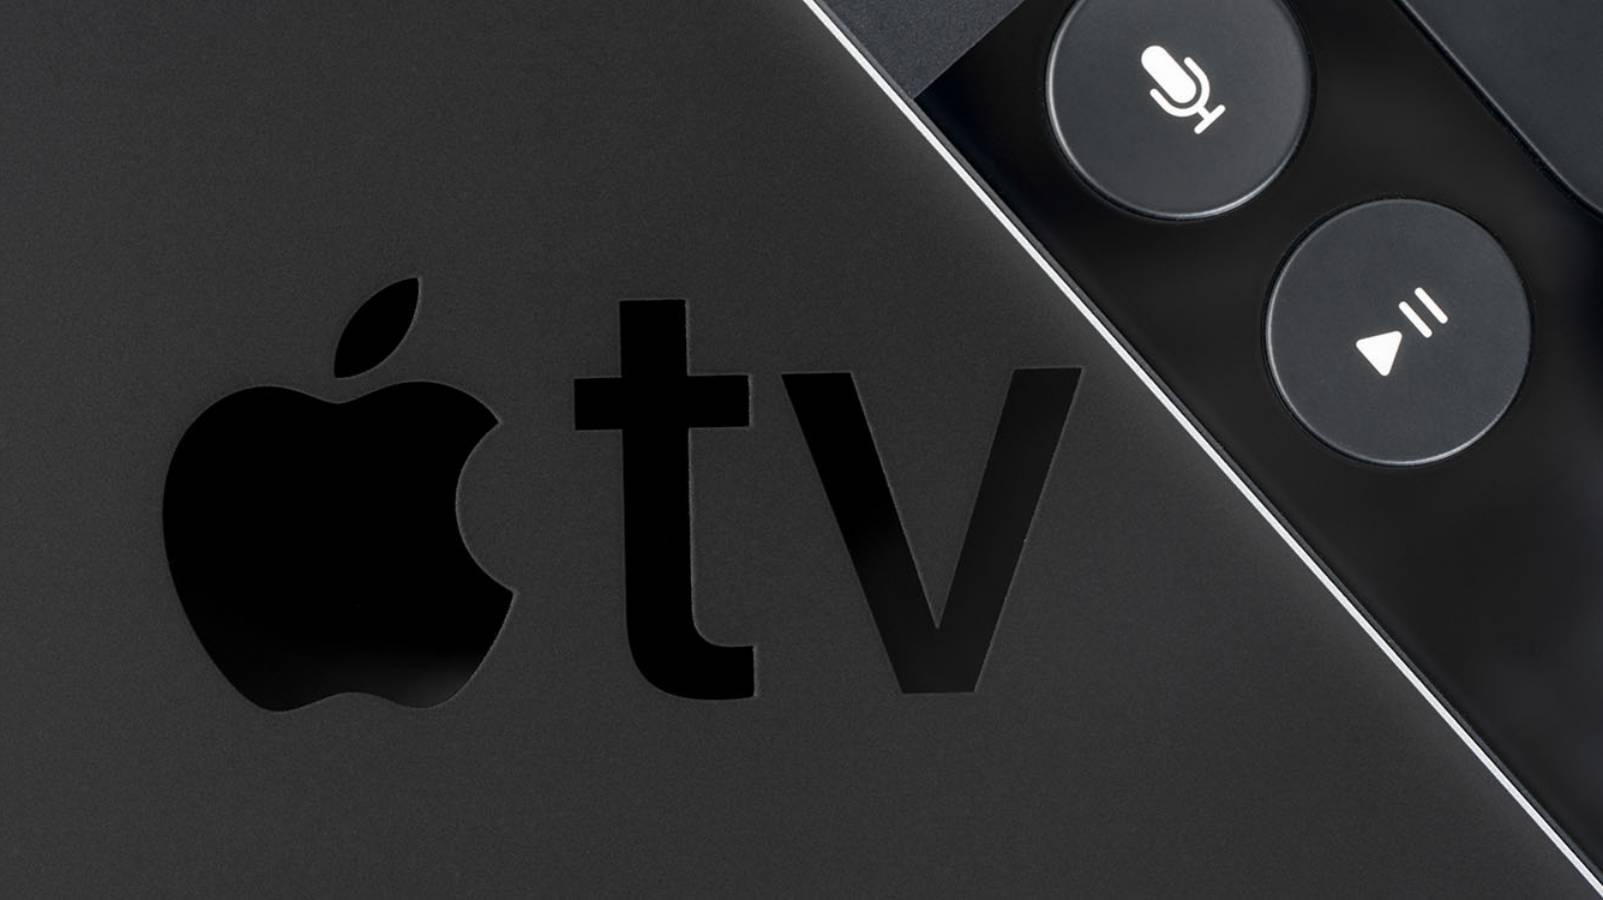 Apple a reinnoit deja Doua Seriale care vor fi Lansate in Apple TV+